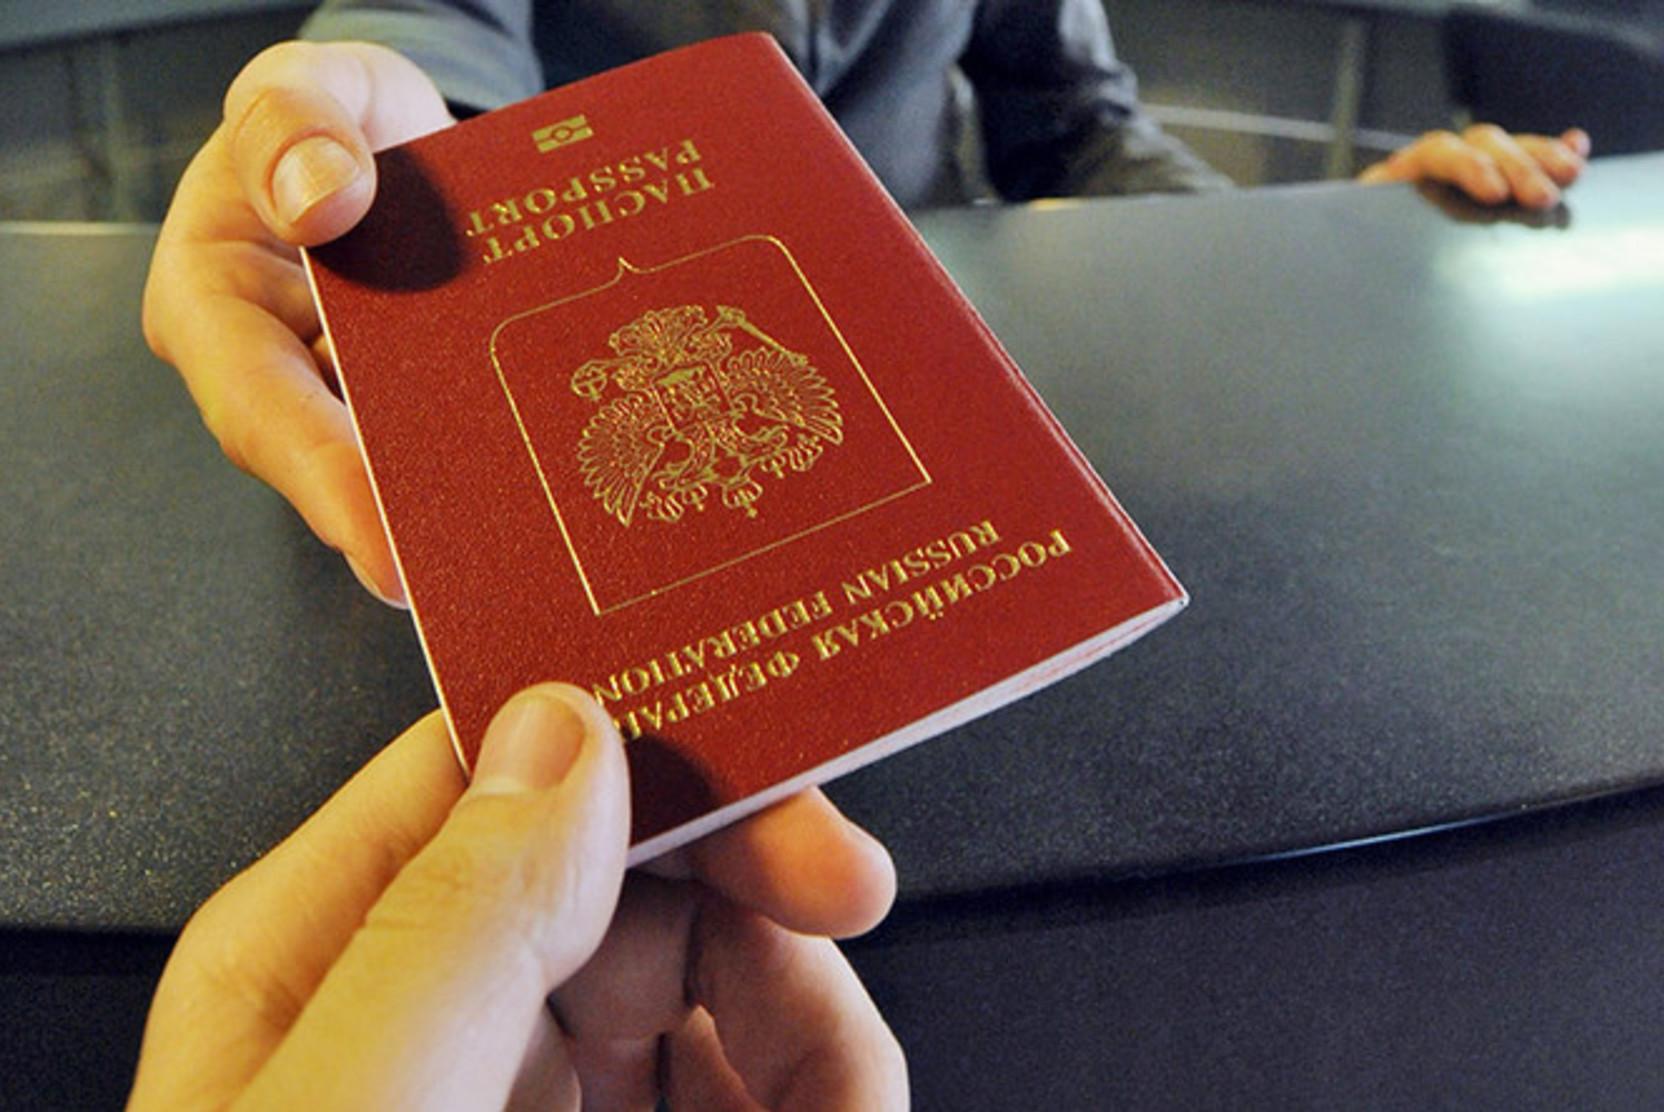 Передача паспорта из рук в руки